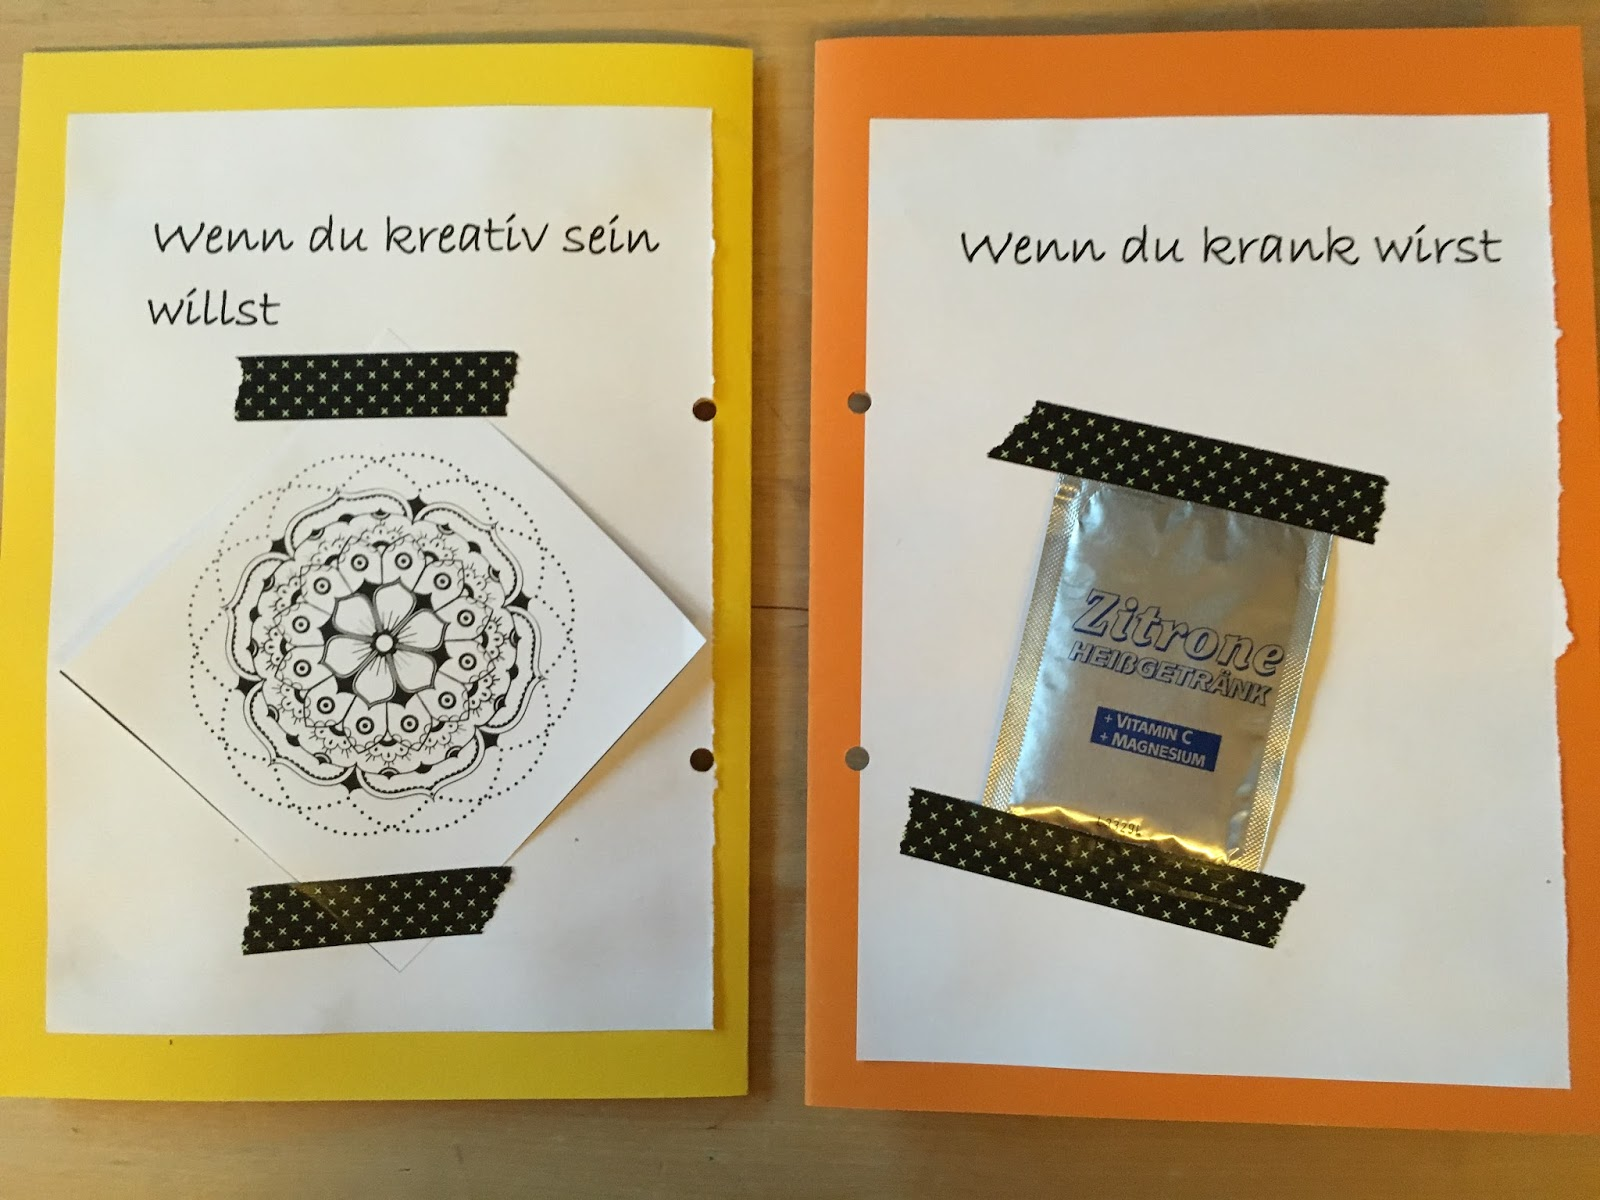 birgit schreibt geschenkidee wenn buch. Black Bedroom Furniture Sets. Home Design Ideas